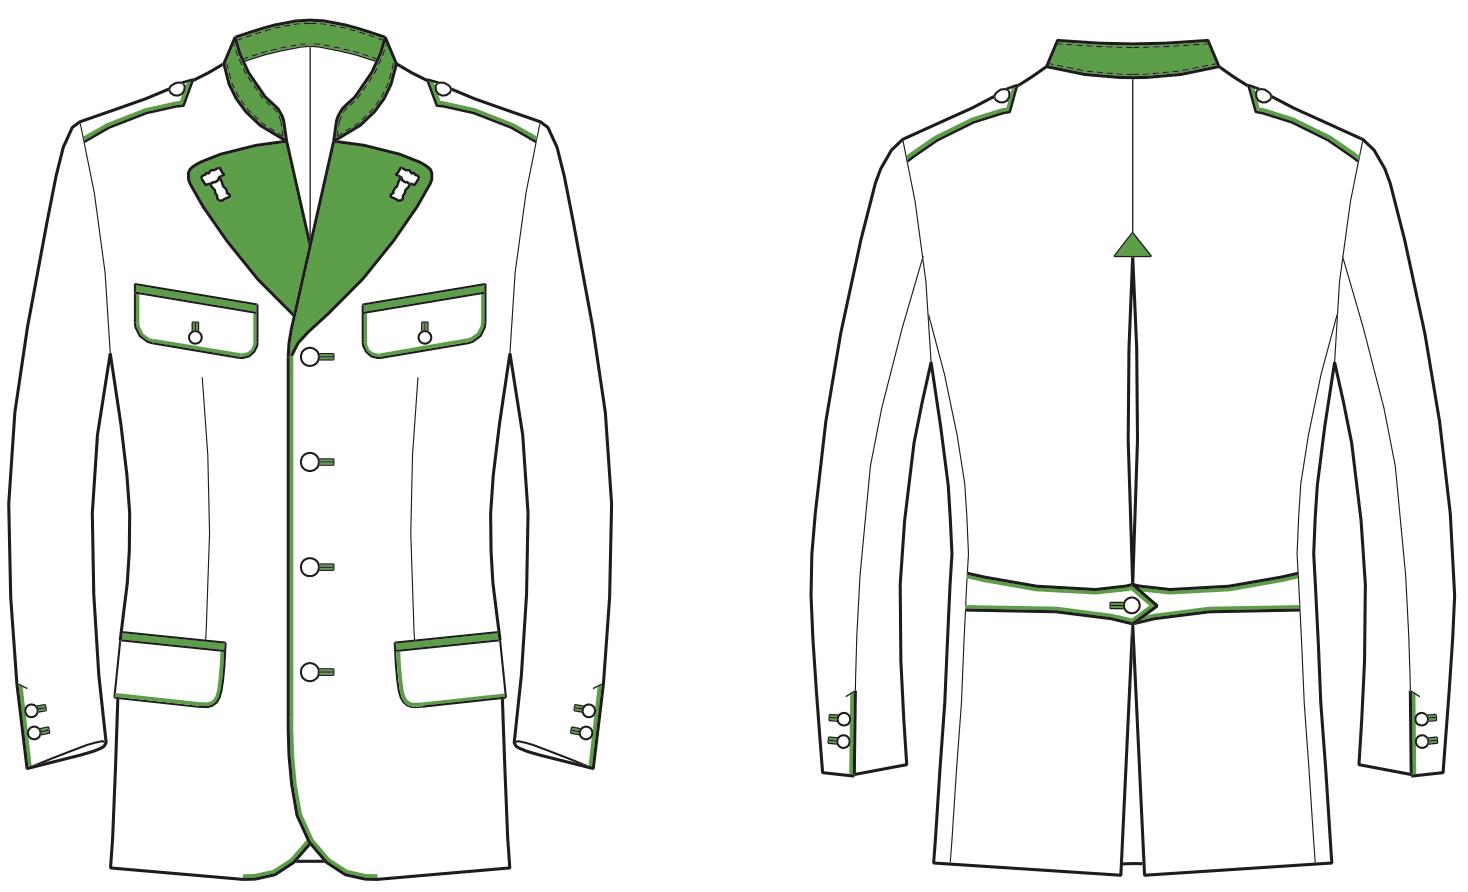 Gezeigt wird die Vorder- und Rückansicht der technischen Zeichnung einer Trachtenjacke